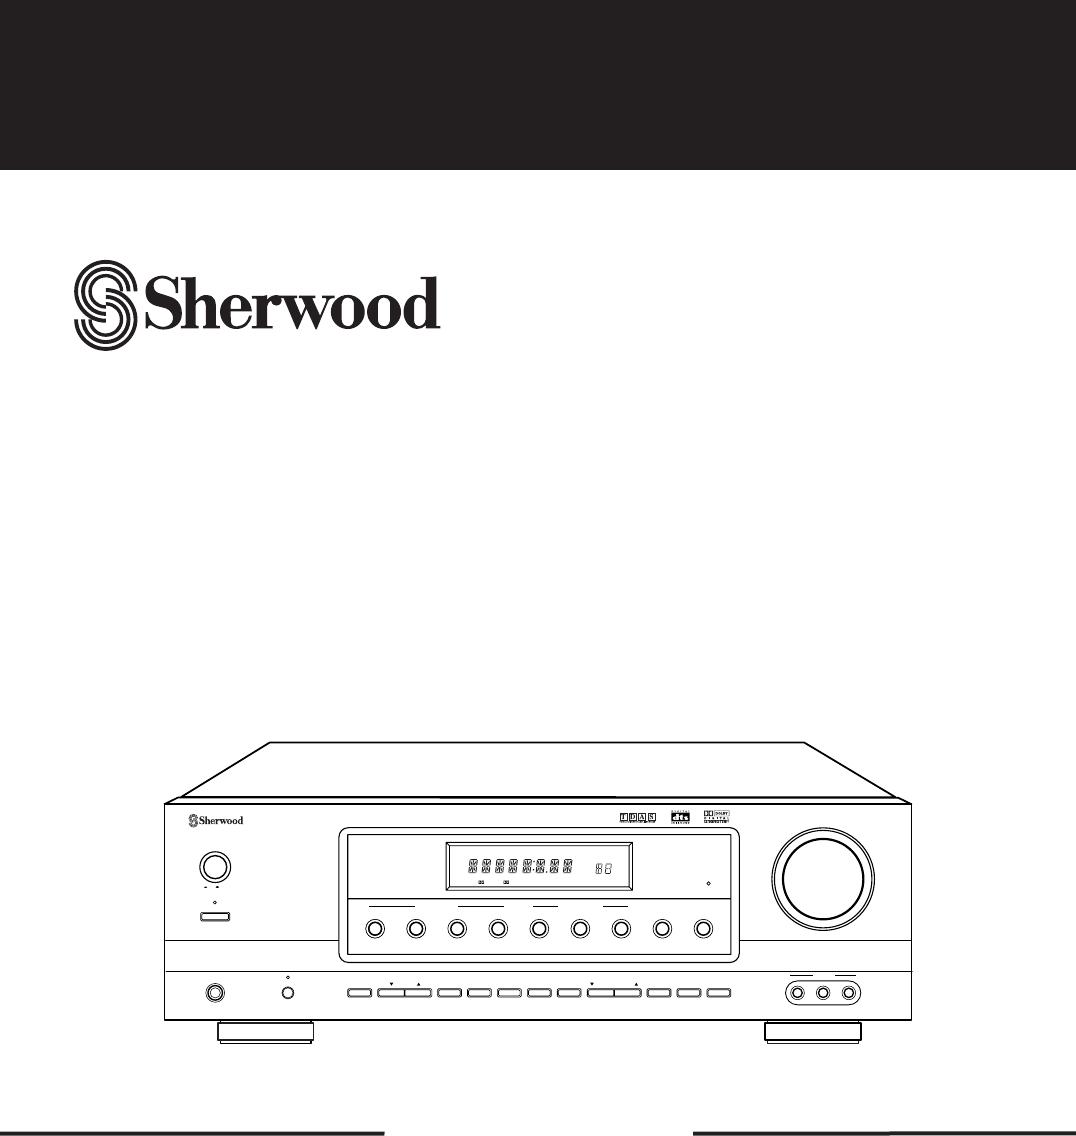 sherwood stereo system rd 6108 user guide manualsonline com rh audio manualsonline com